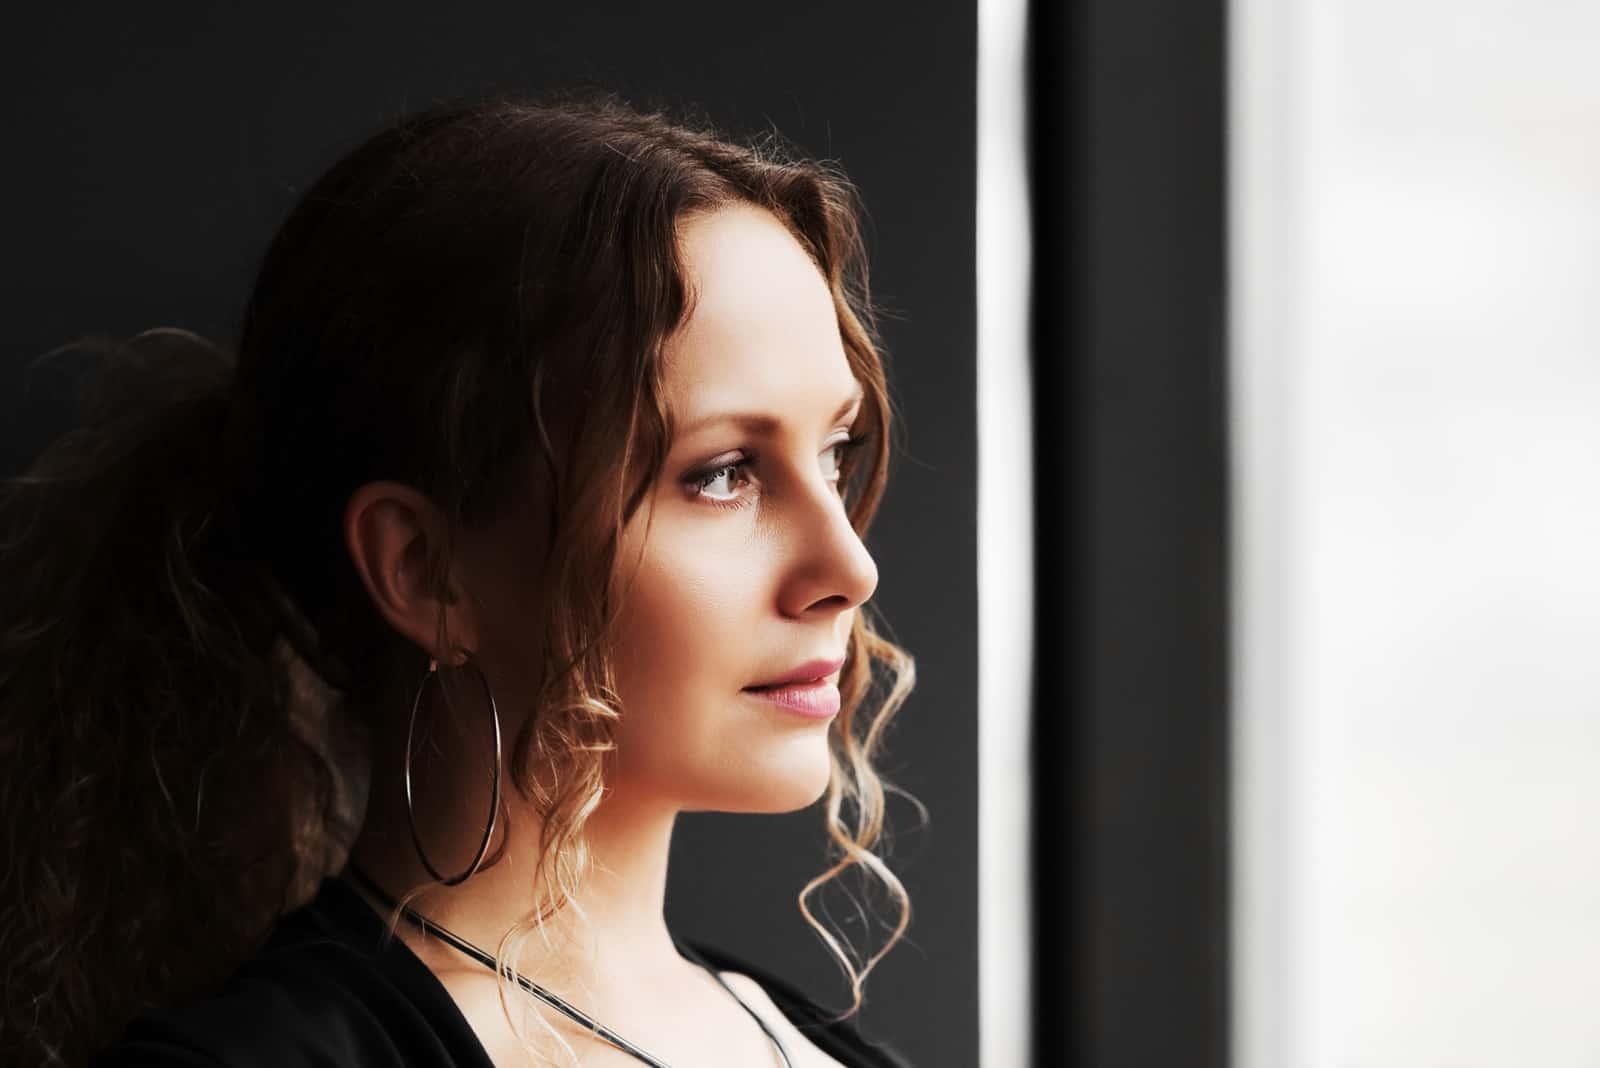 Triste belle femme regardant par la fenêtre